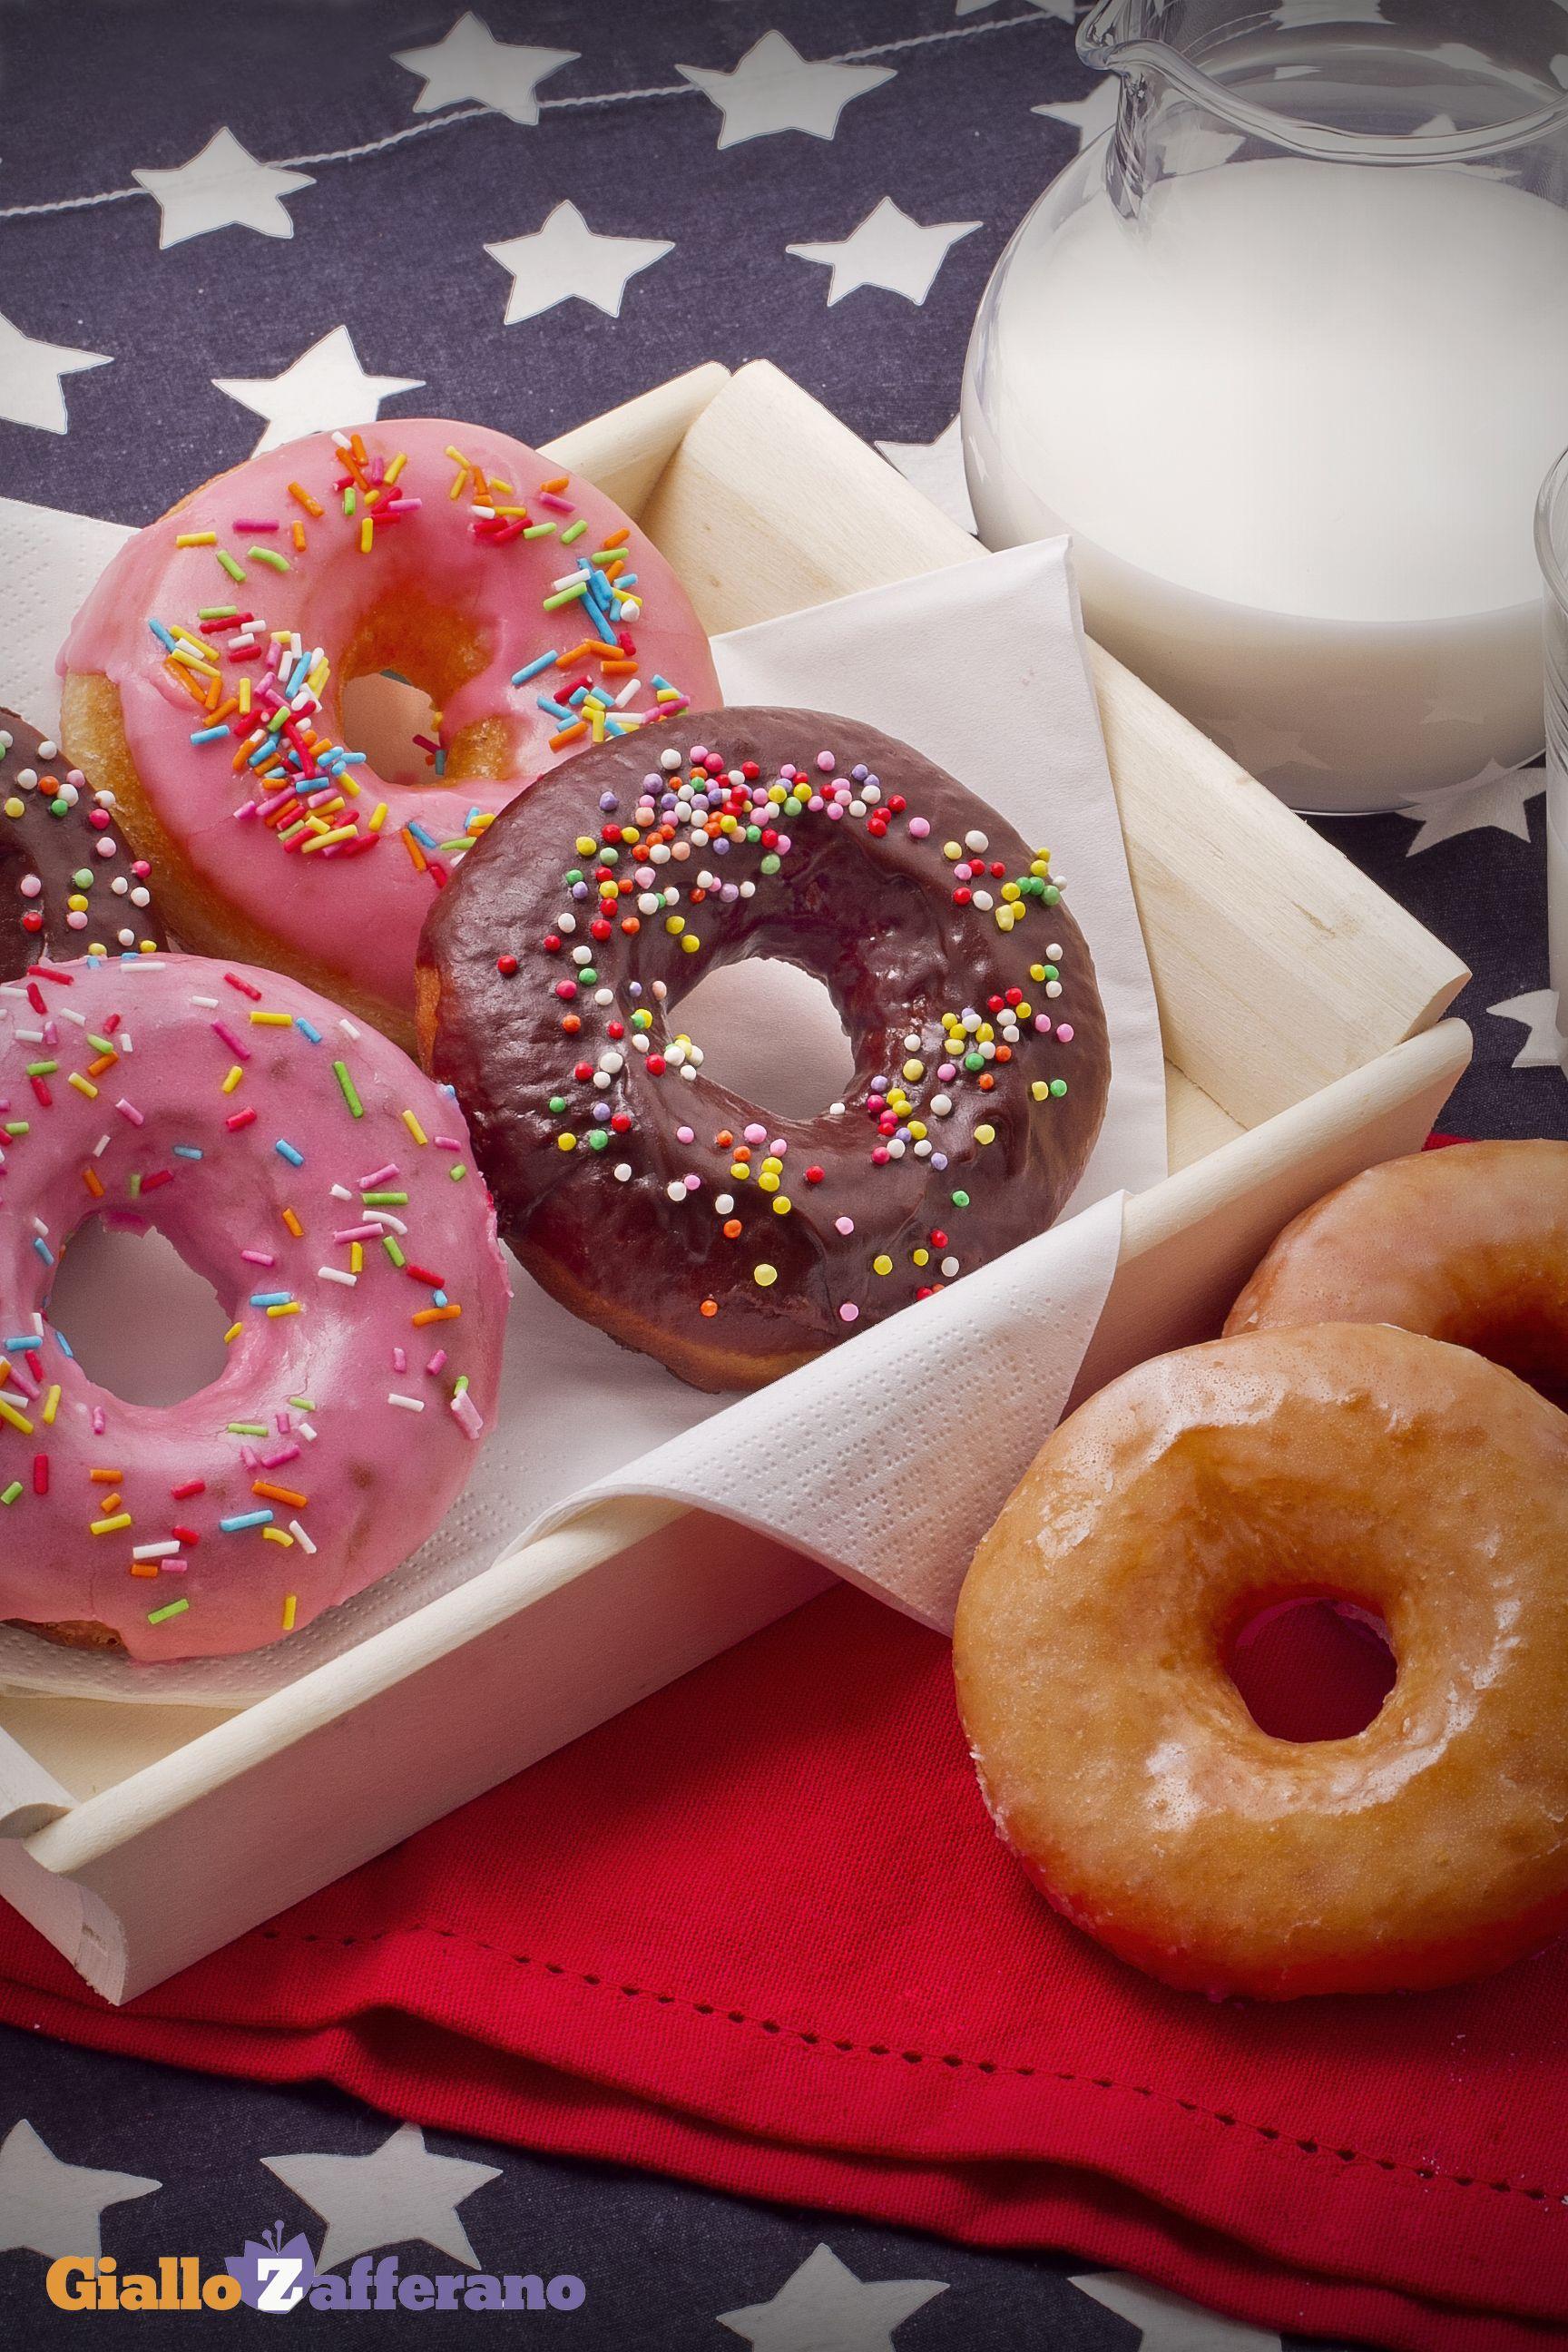 Ricetta Donuts Giallozafferano.Donuts Ricetta Ciambelle Glassate Ricette Ciambelle